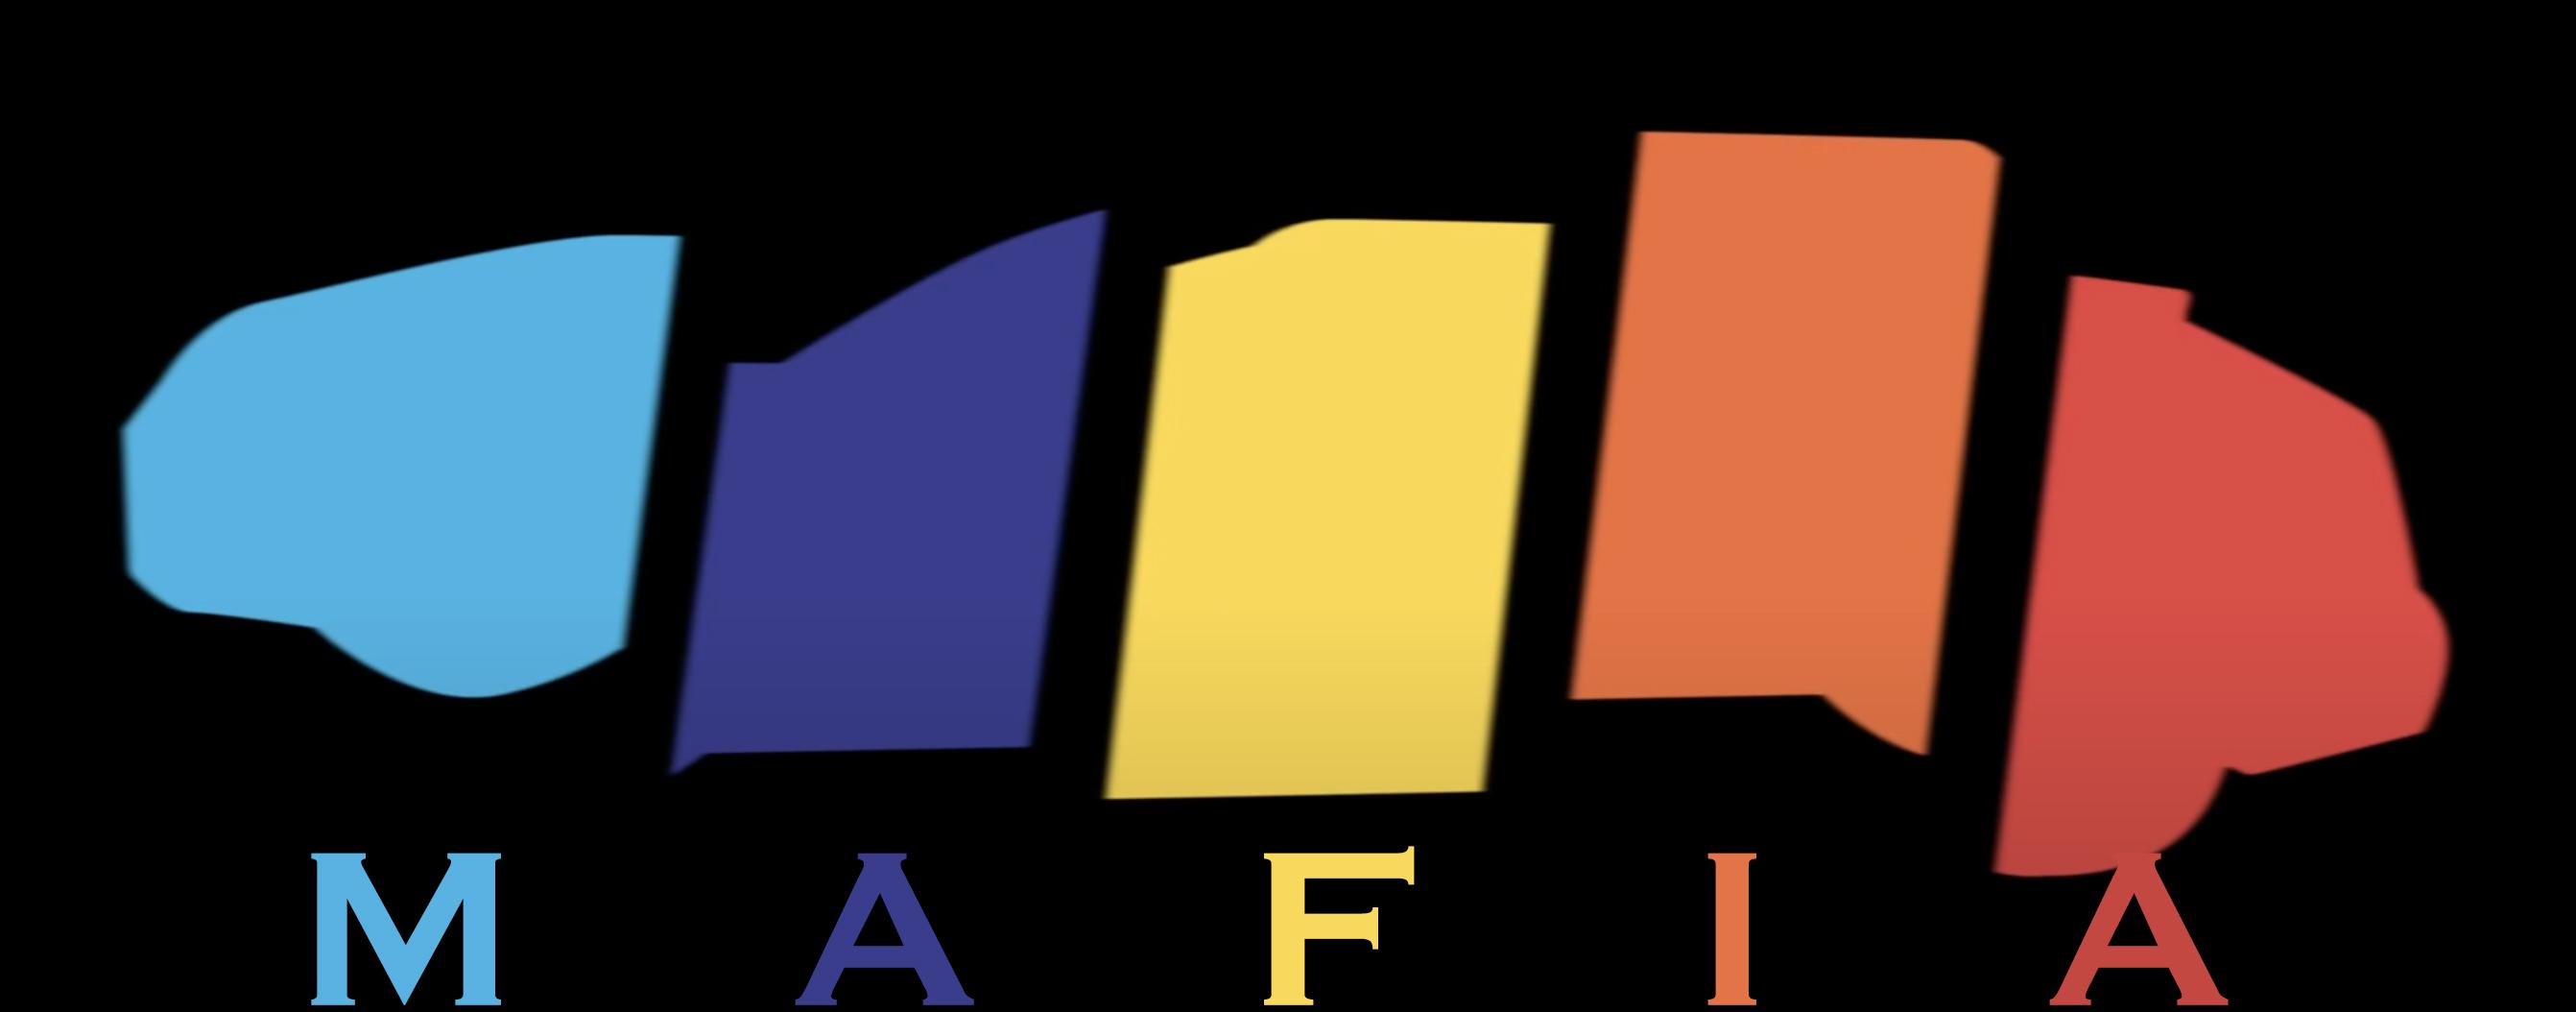 Name:  MAFIA tshirt.jpg Views: 181 Size:  348.8 KB